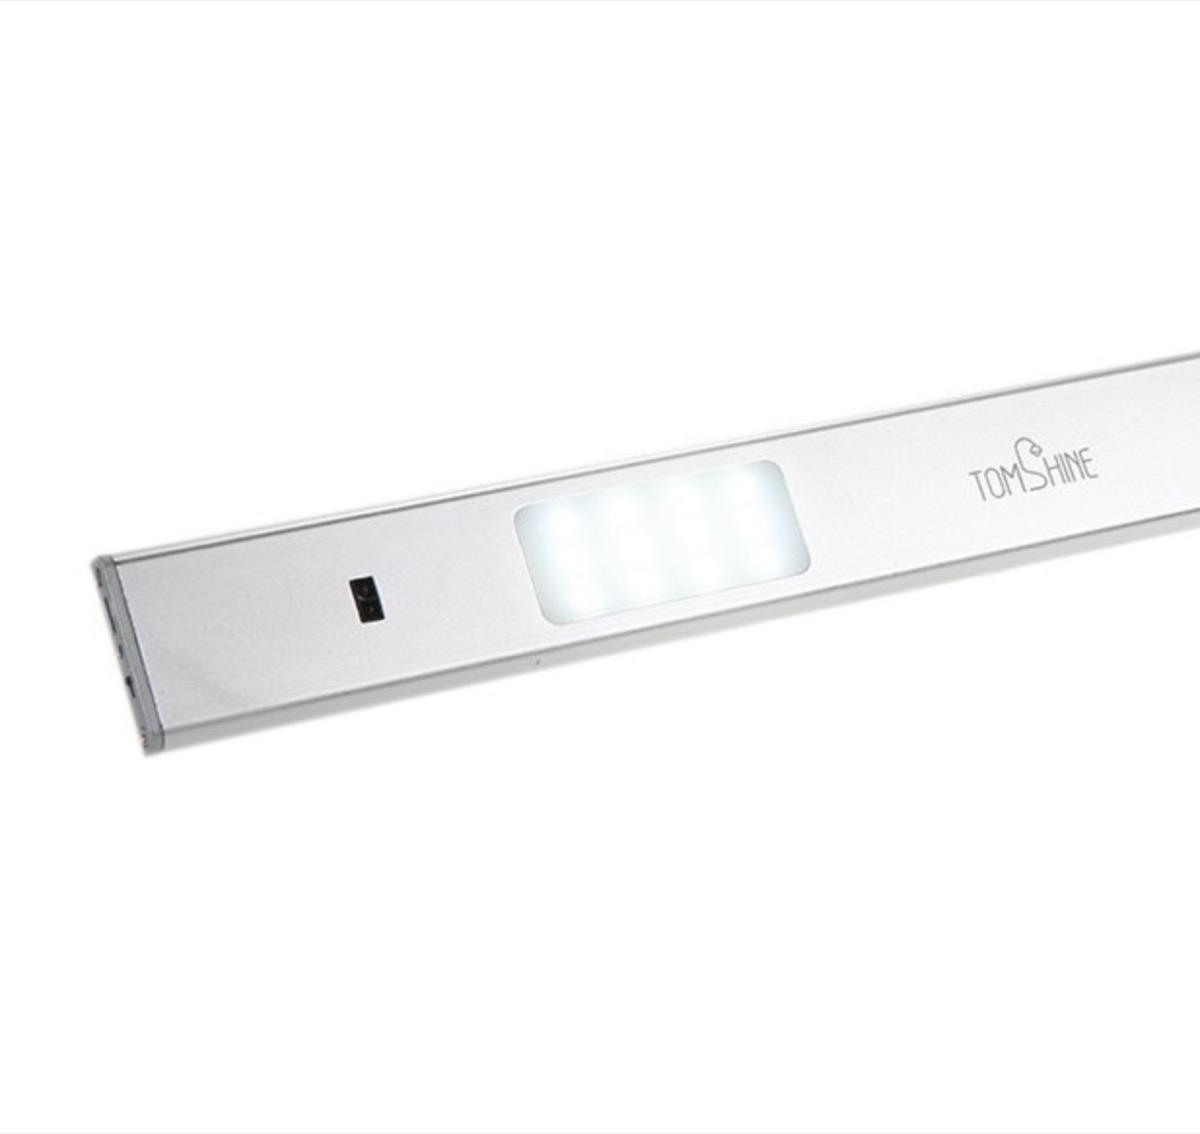 Lampada LED wireless con sensore di movimento in offerta a 16,99 euro